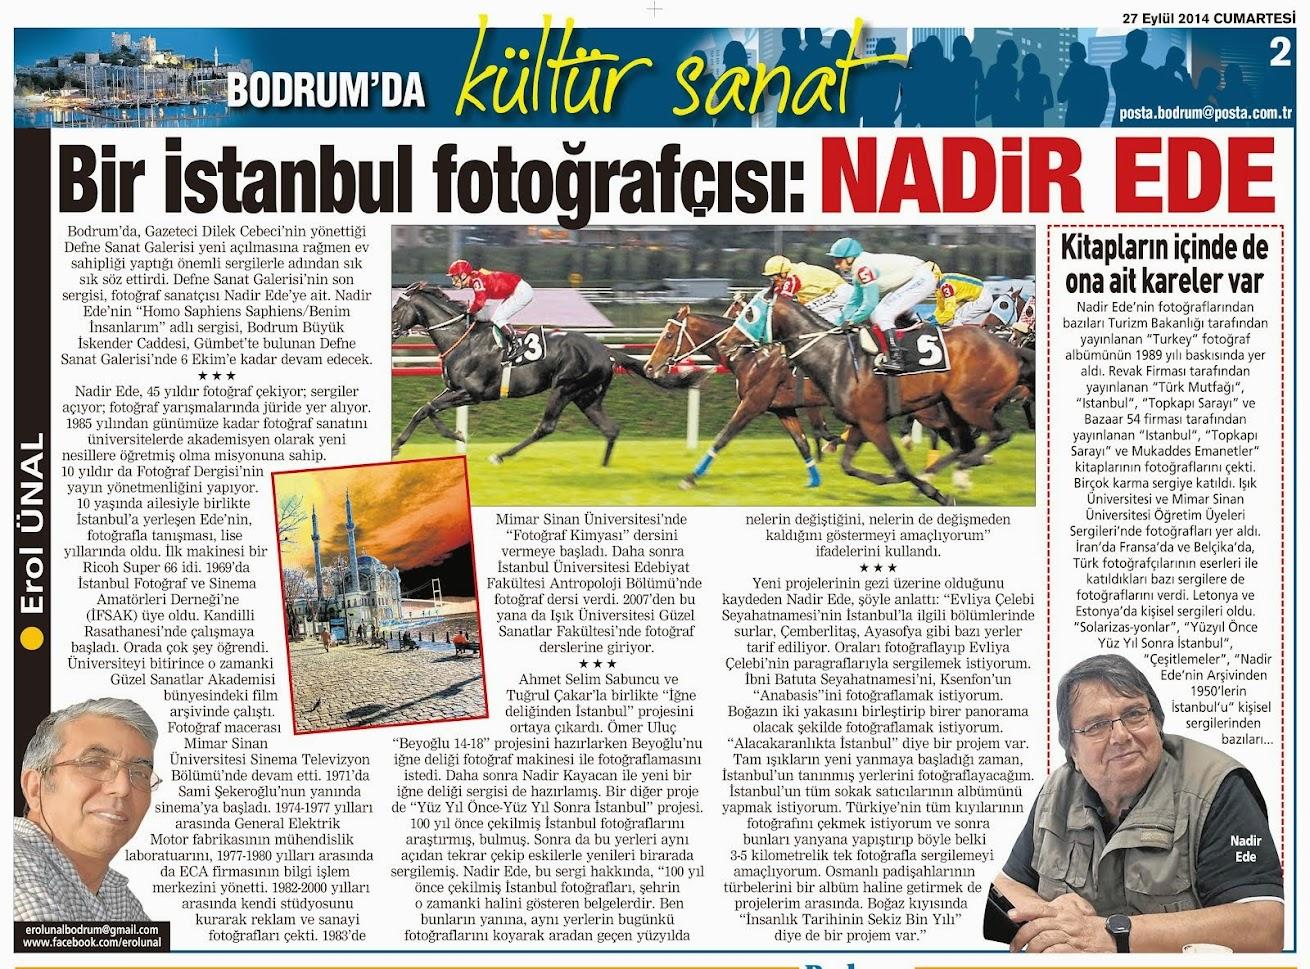 BİR İSTANBUL FOTOĞRAFÇISI NADİR EDE